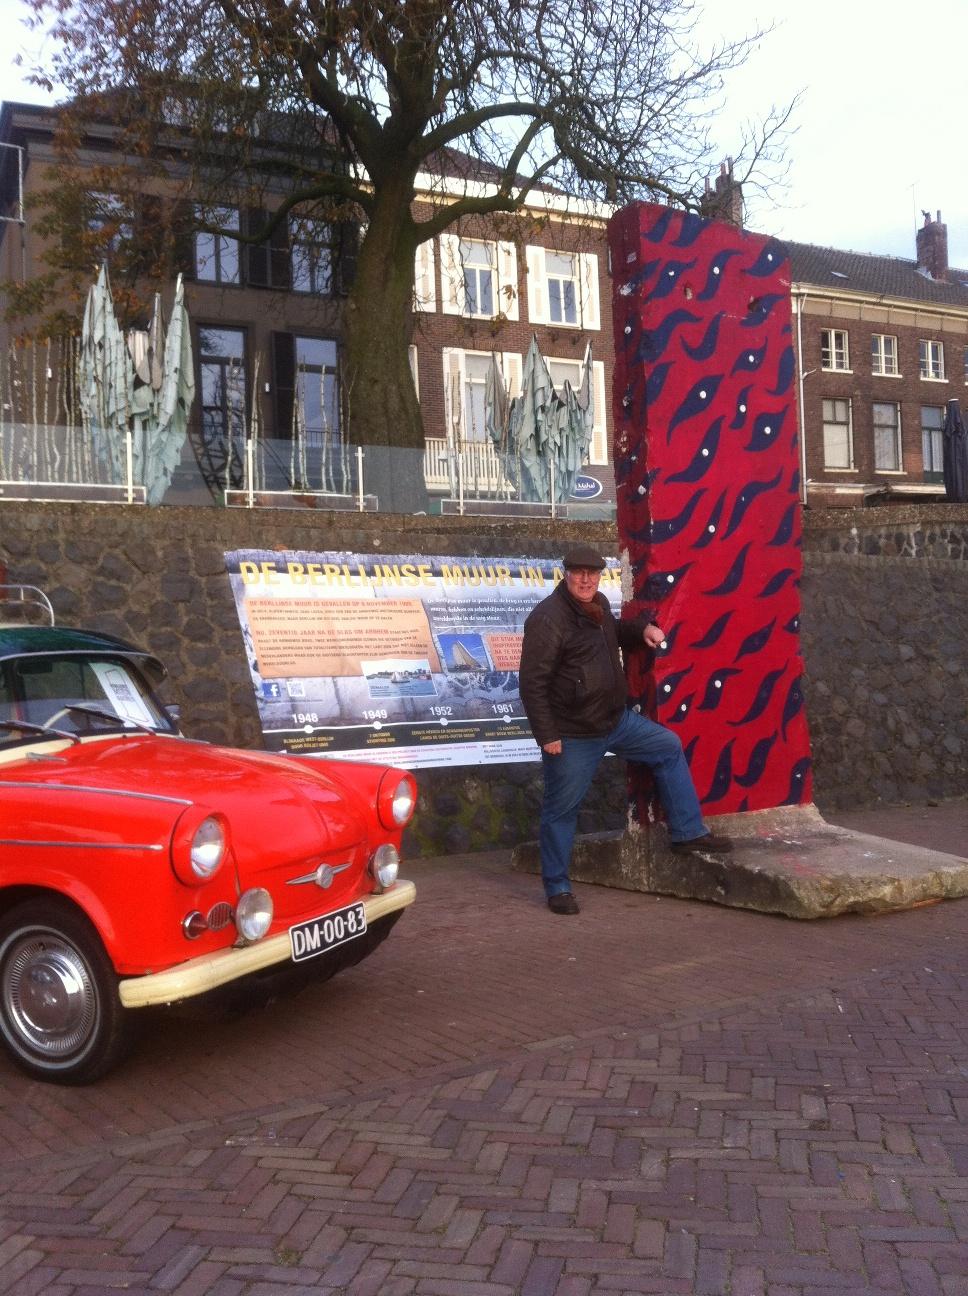 Berlijnse muur op de kade in Arnhem en Jan